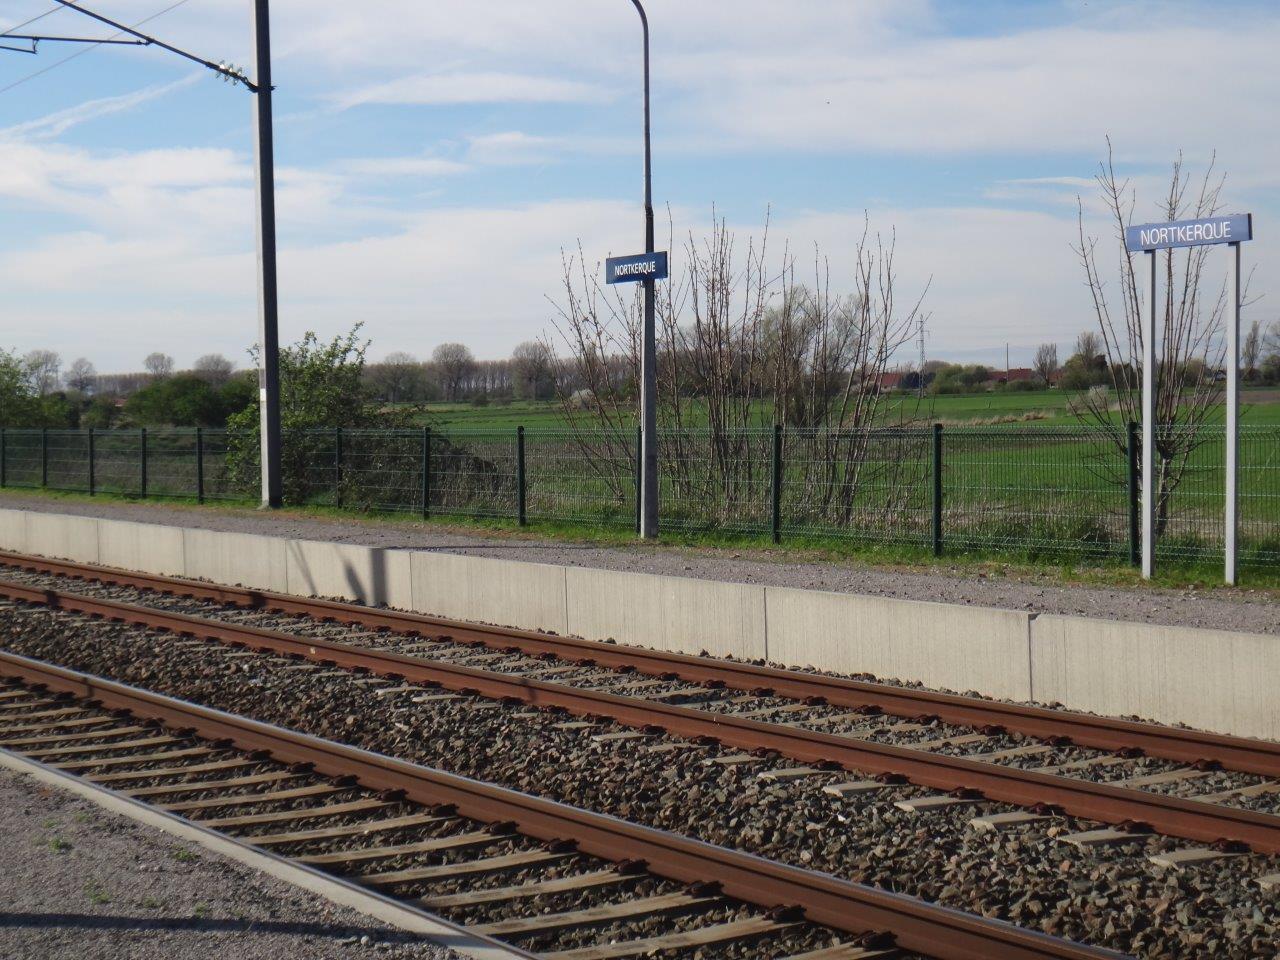 gare-de-nortkerque-train-station